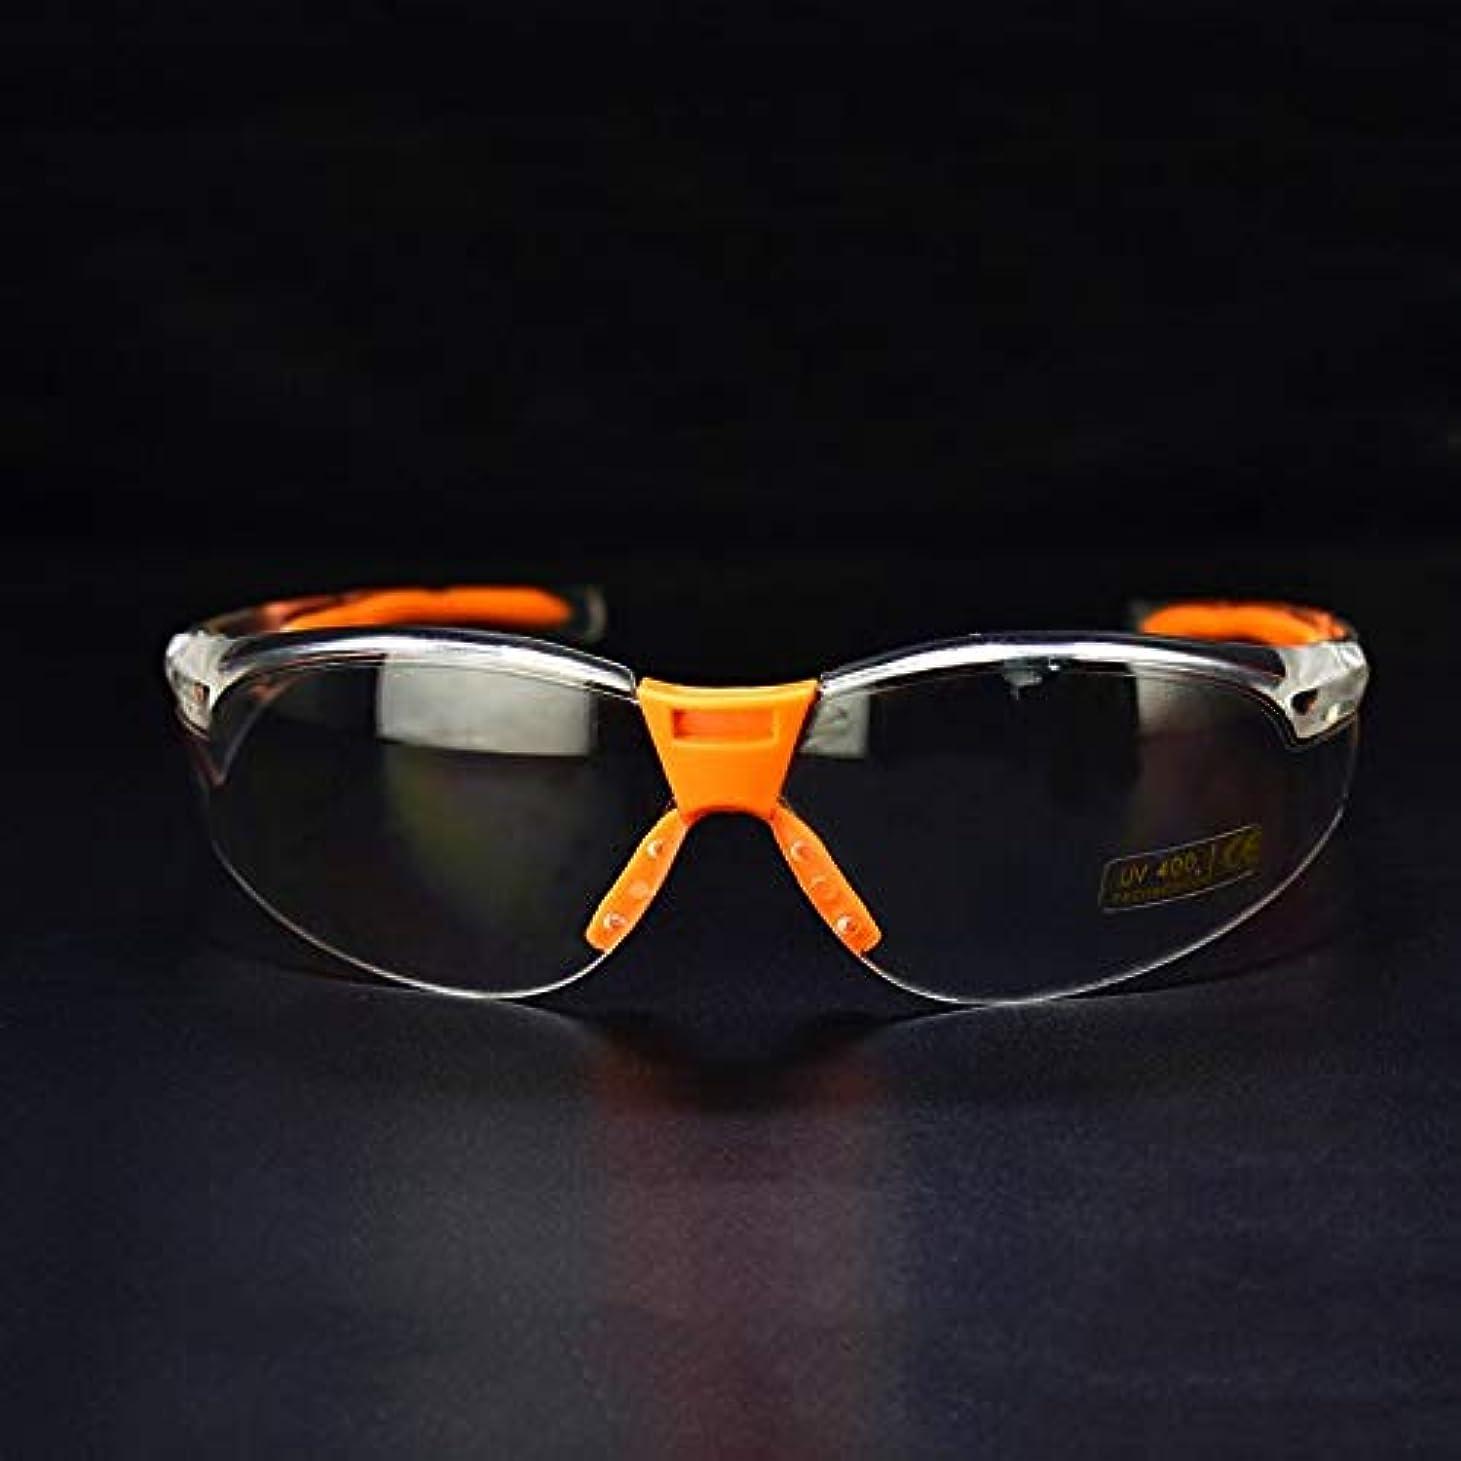 最終現実には剥離保護メガネ 作業用 ミラー、安全ゴーグル pc 目プロテクター安全メガネ労働砂防水印象的なにくい防塵セキュリティウインカー、保護メガネ ケース、保護メガネ クリアフレーム、保護メガネ ケース付き